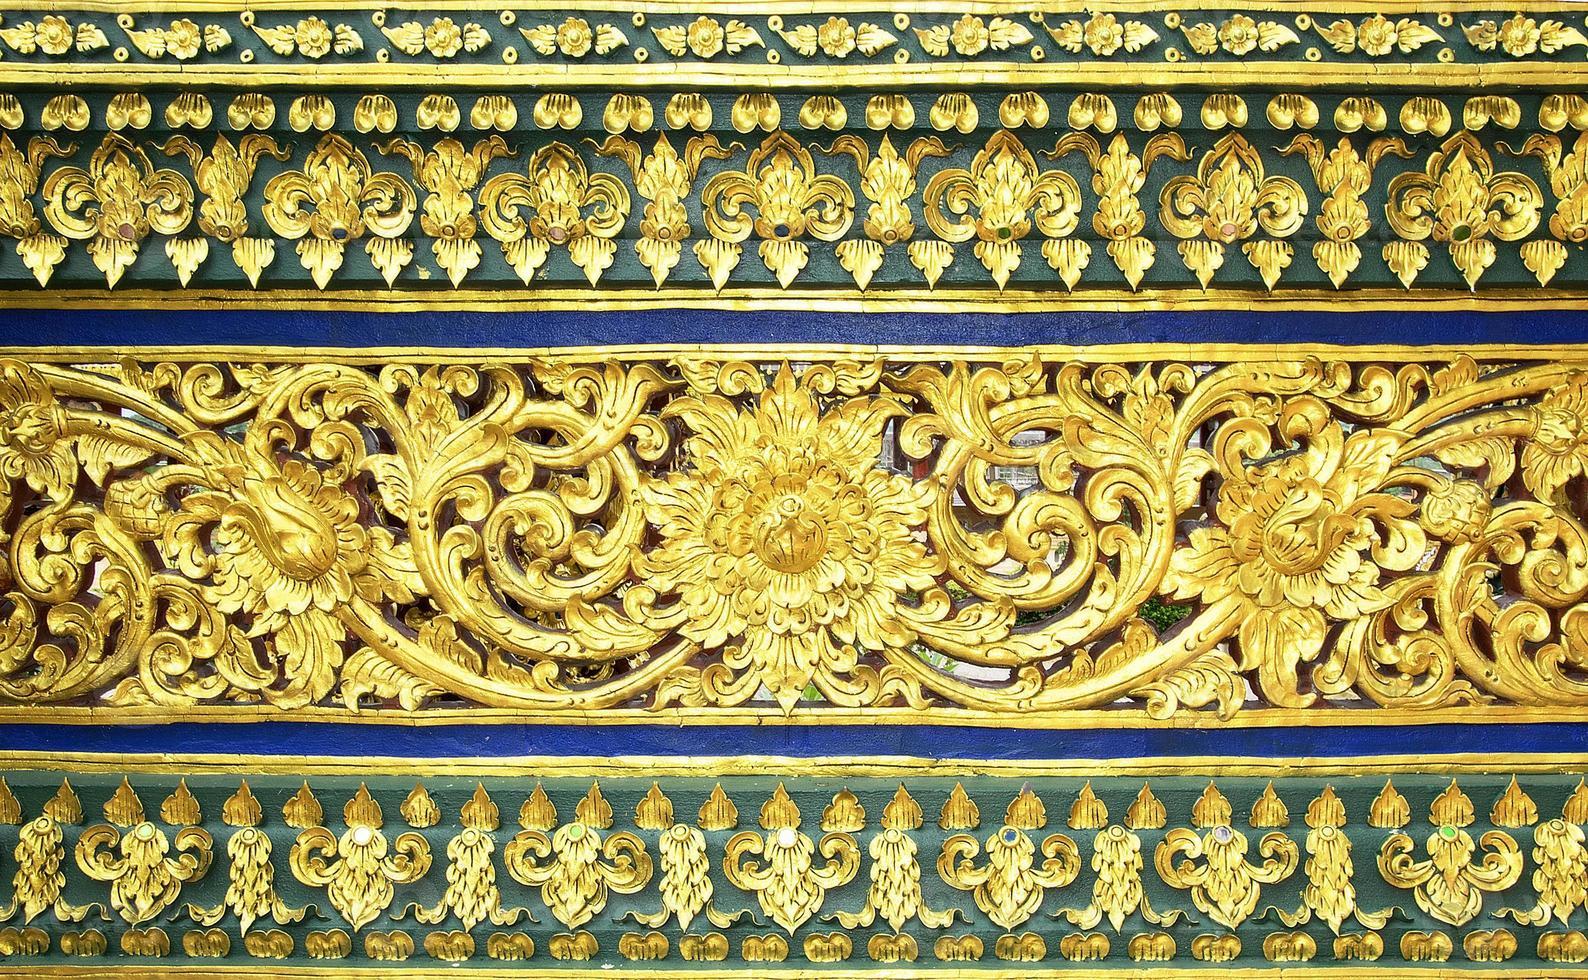 padrão de estuque tailandês tradicional decorativo no templo, Tailândia foto